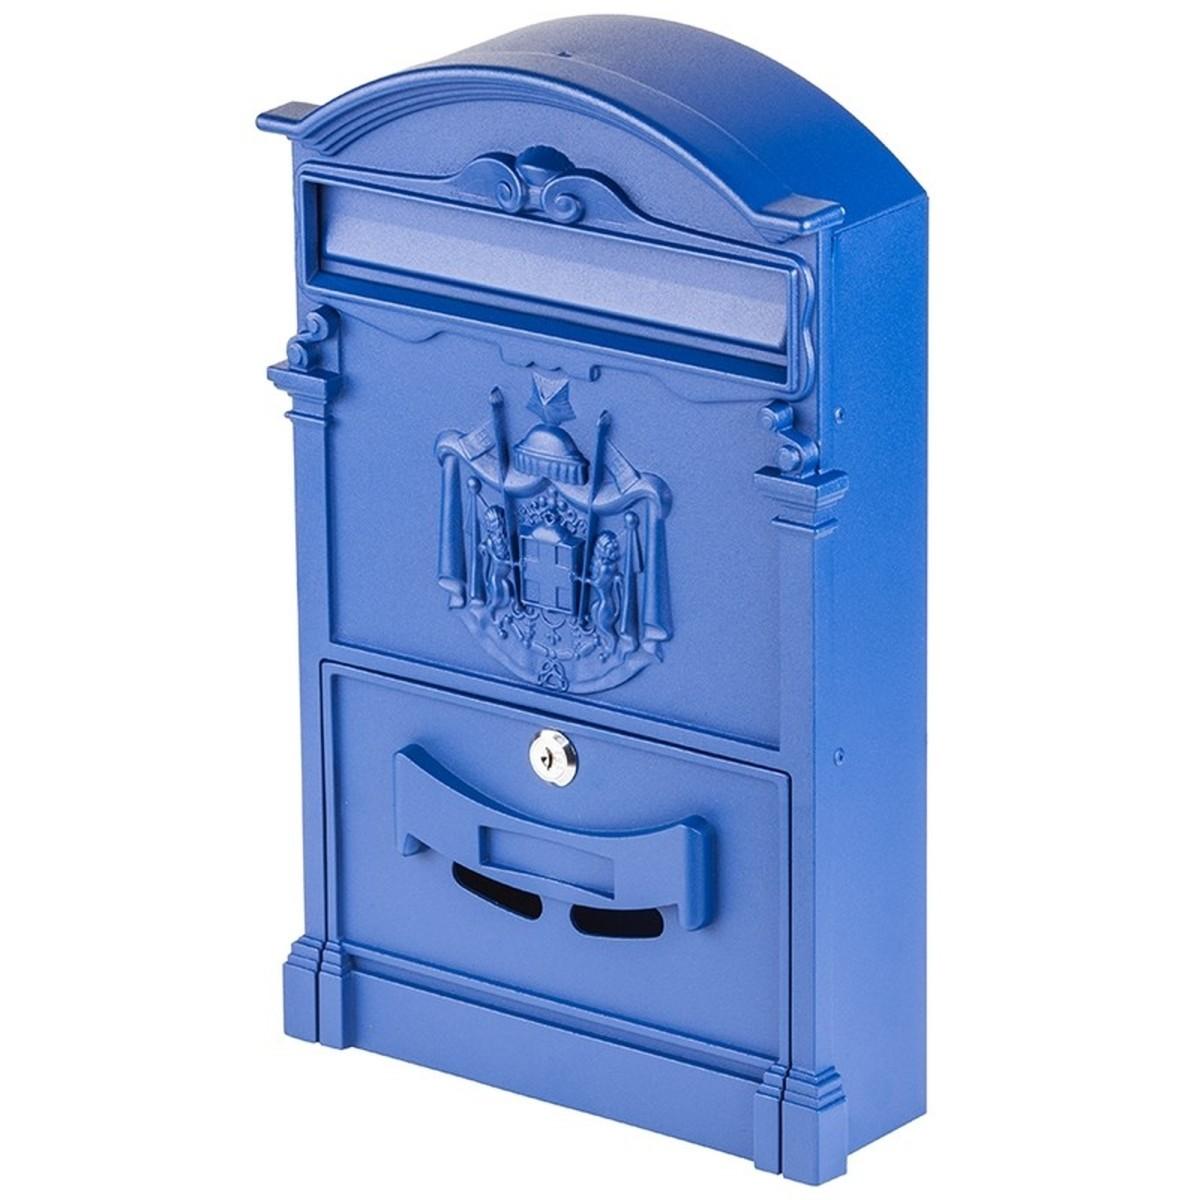 Ящик почтовый Standers MB-002-B алюминий/сталь цвет синий